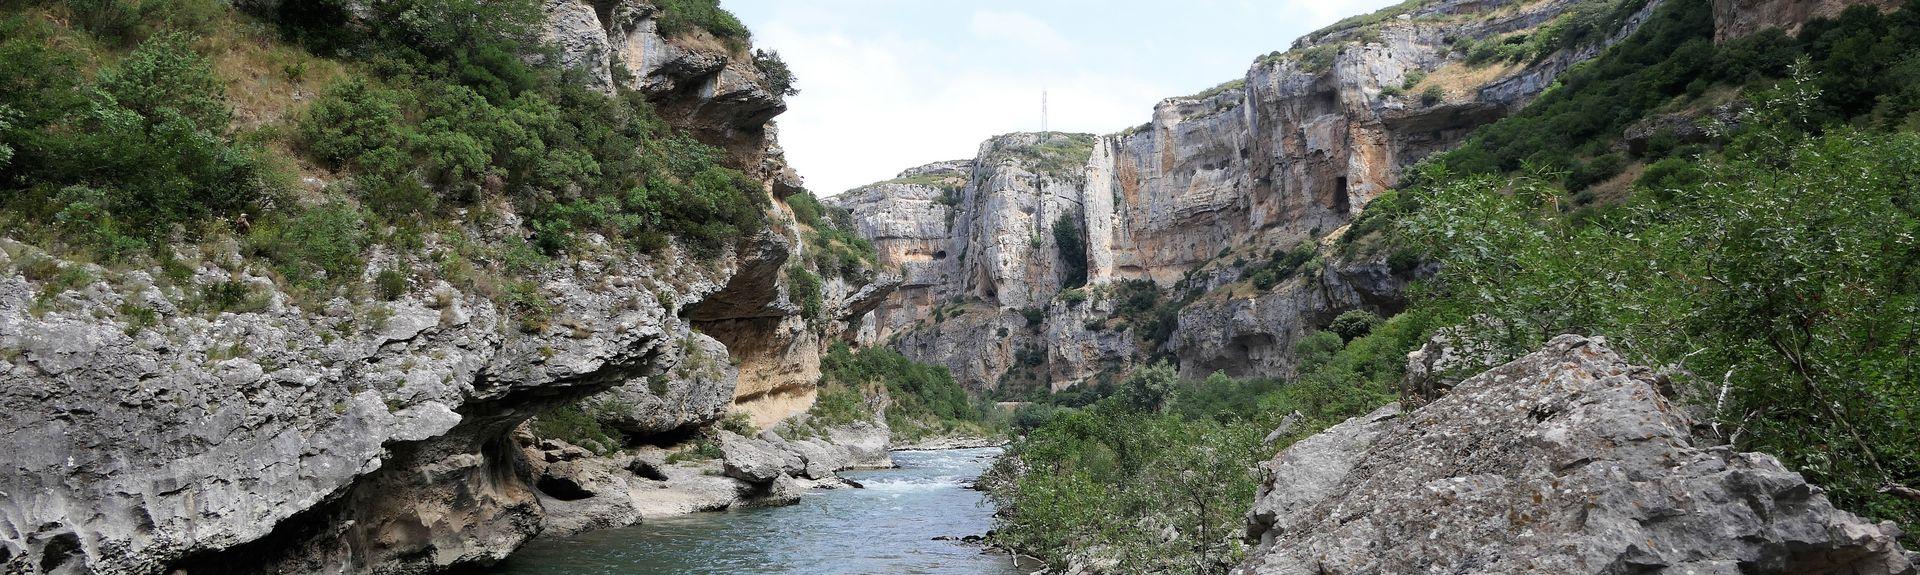 La Jacetania, Huesca, Spain